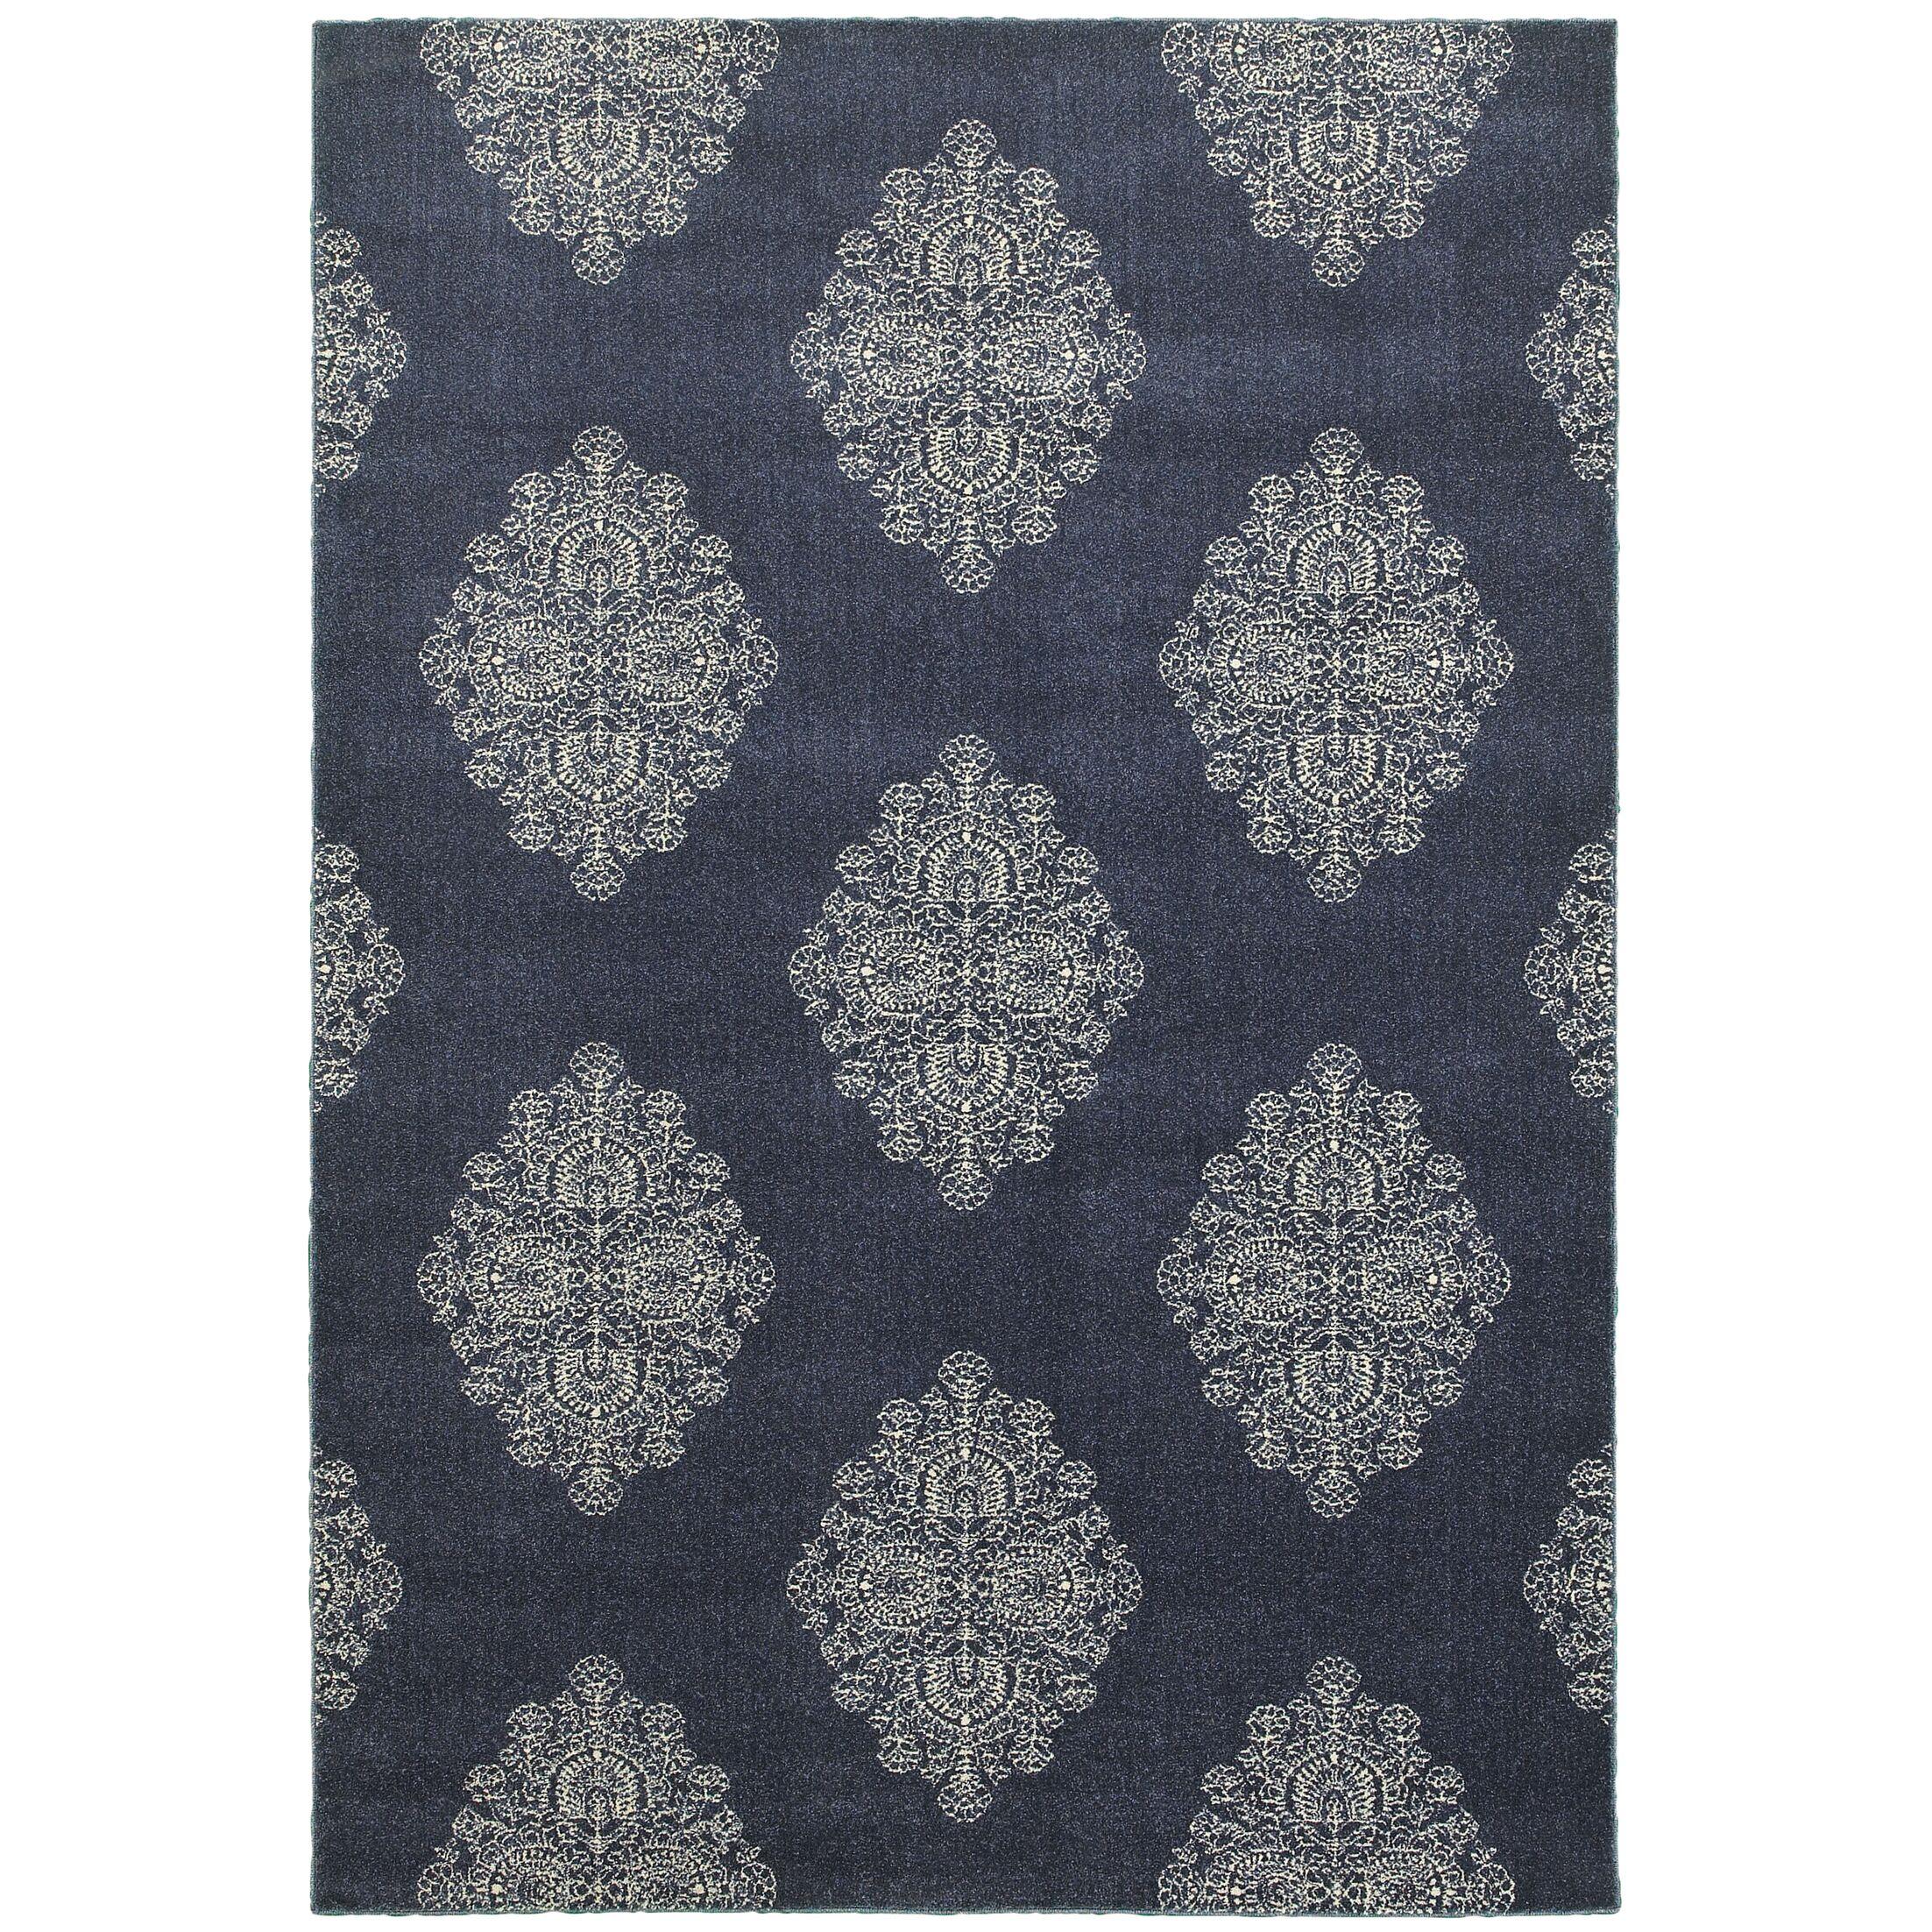 Darren Blue/Ivory Area Rug Rug Size: Rectangle 5'3